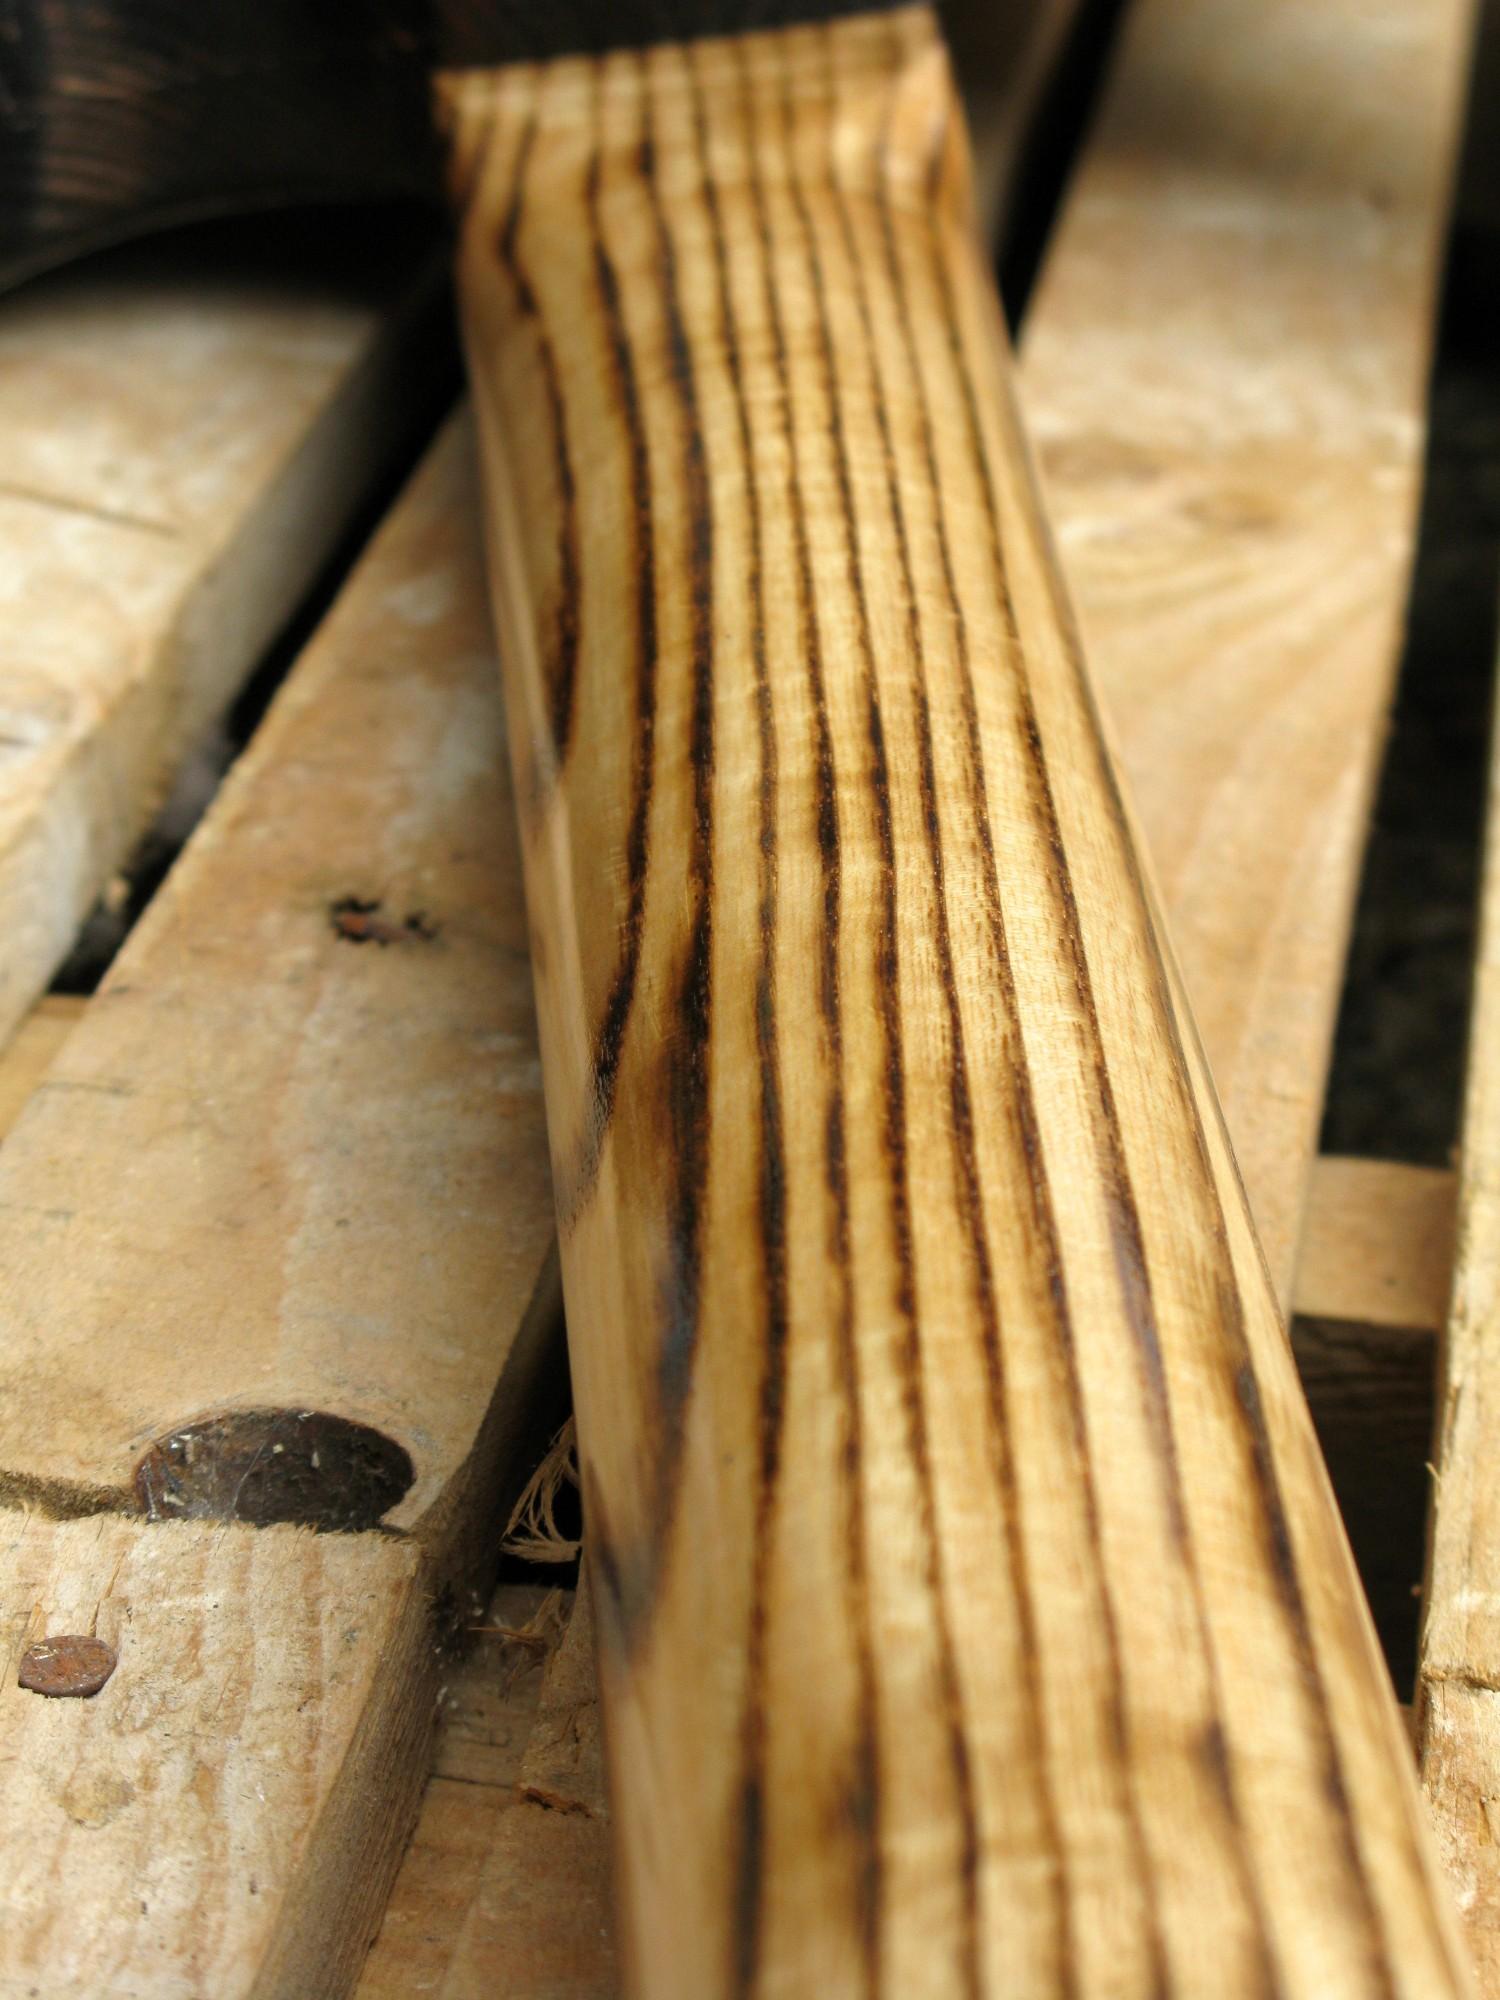 Chitarra modello Stratocaster, body in pino, manico in frassino, reverse: retro manico